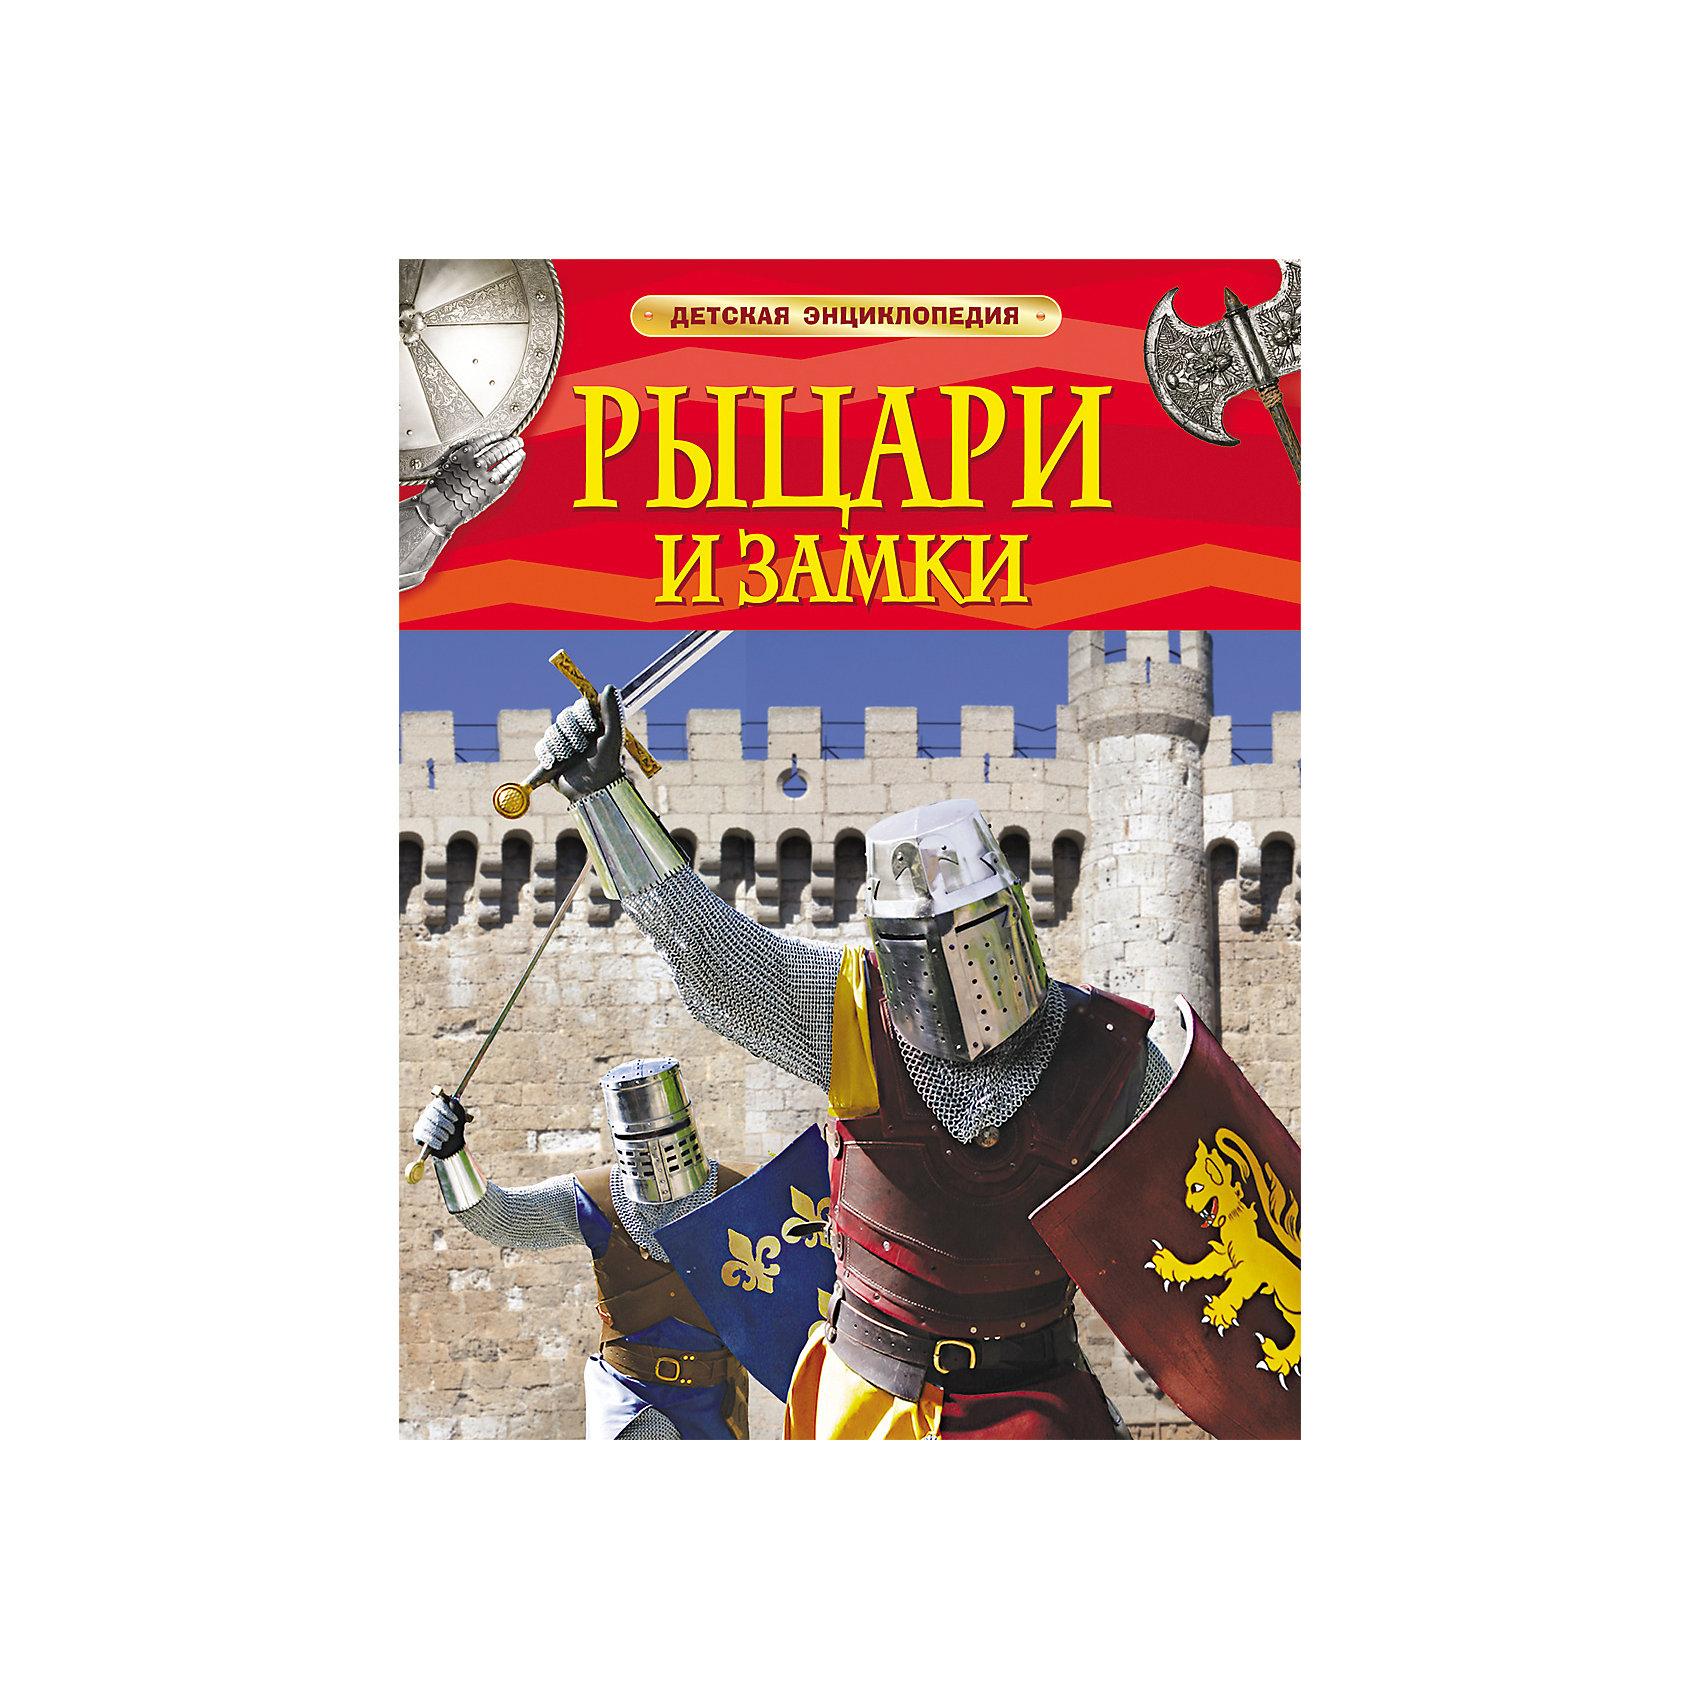 Росмэн Детская энциклопедия Рыцари и замки